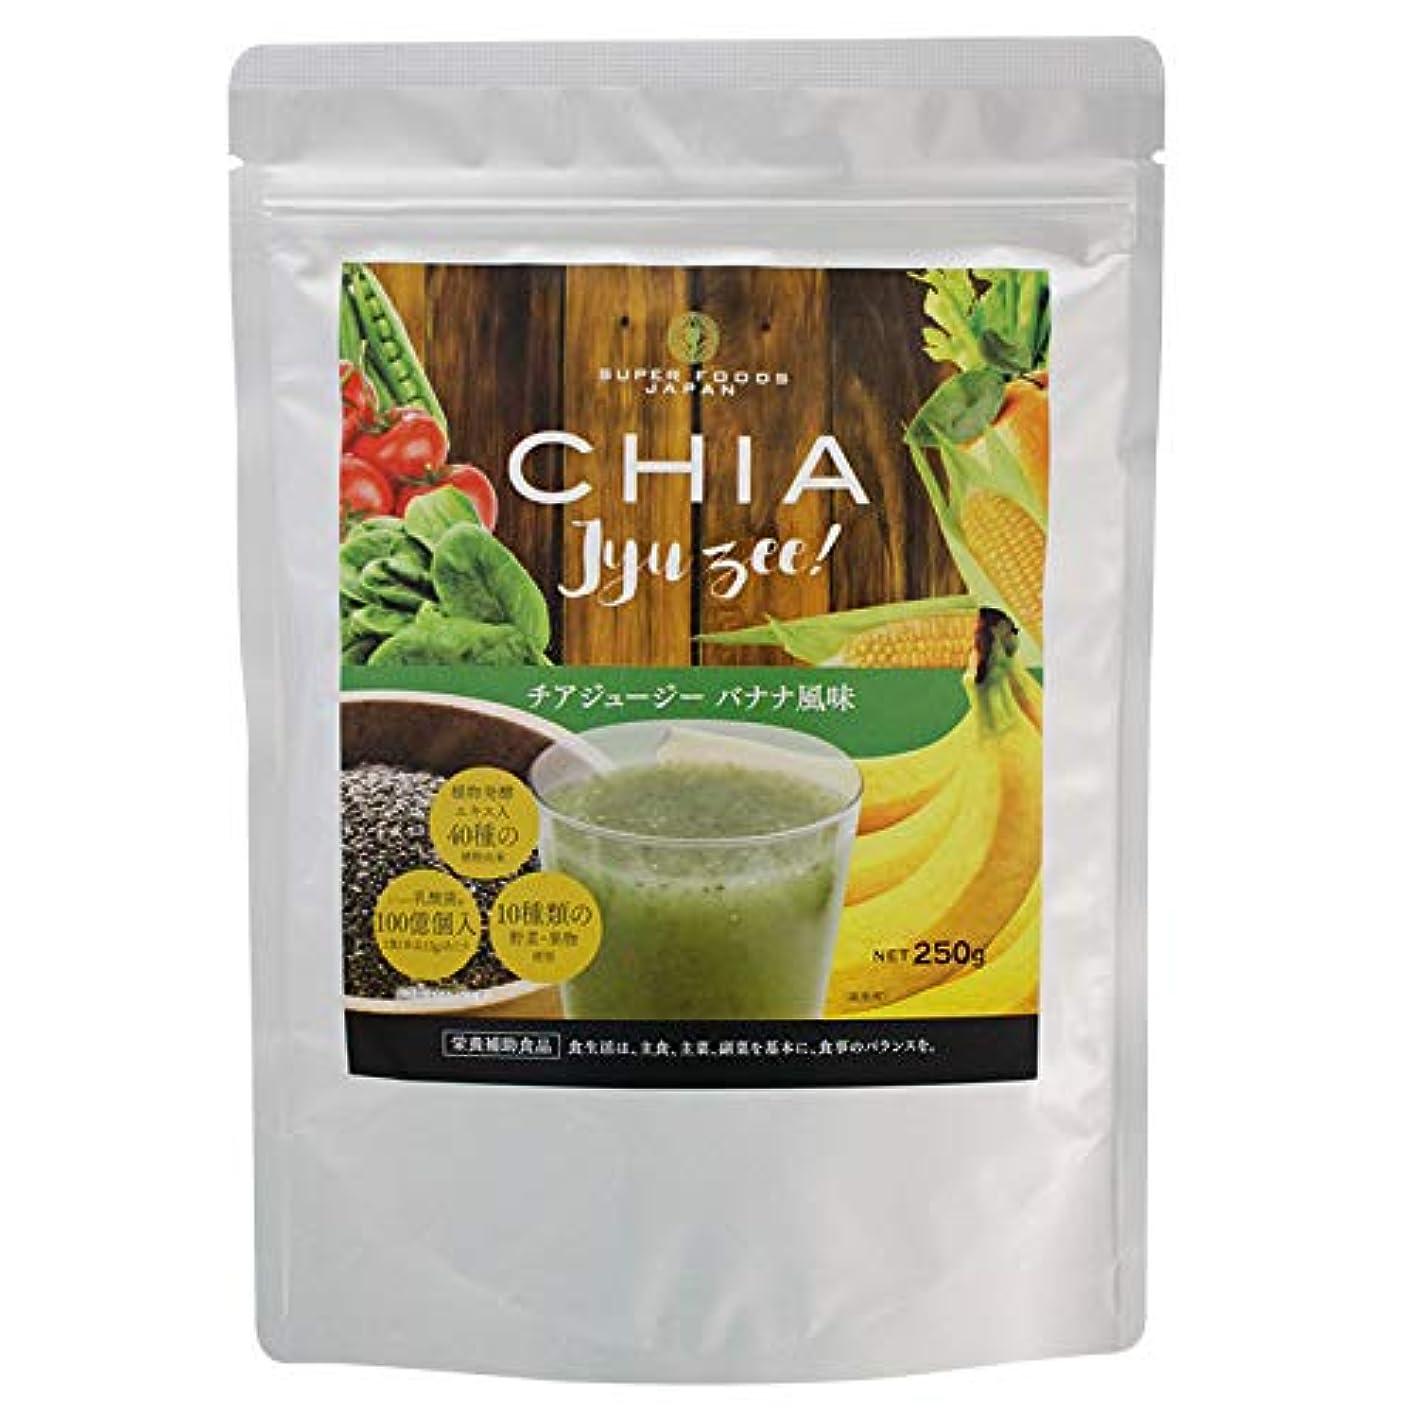 甘味テーブルホースチアジュージー バナナ風味 250g ダイエット スムージー 酵素 チアシード 食物繊維 乳酸菌